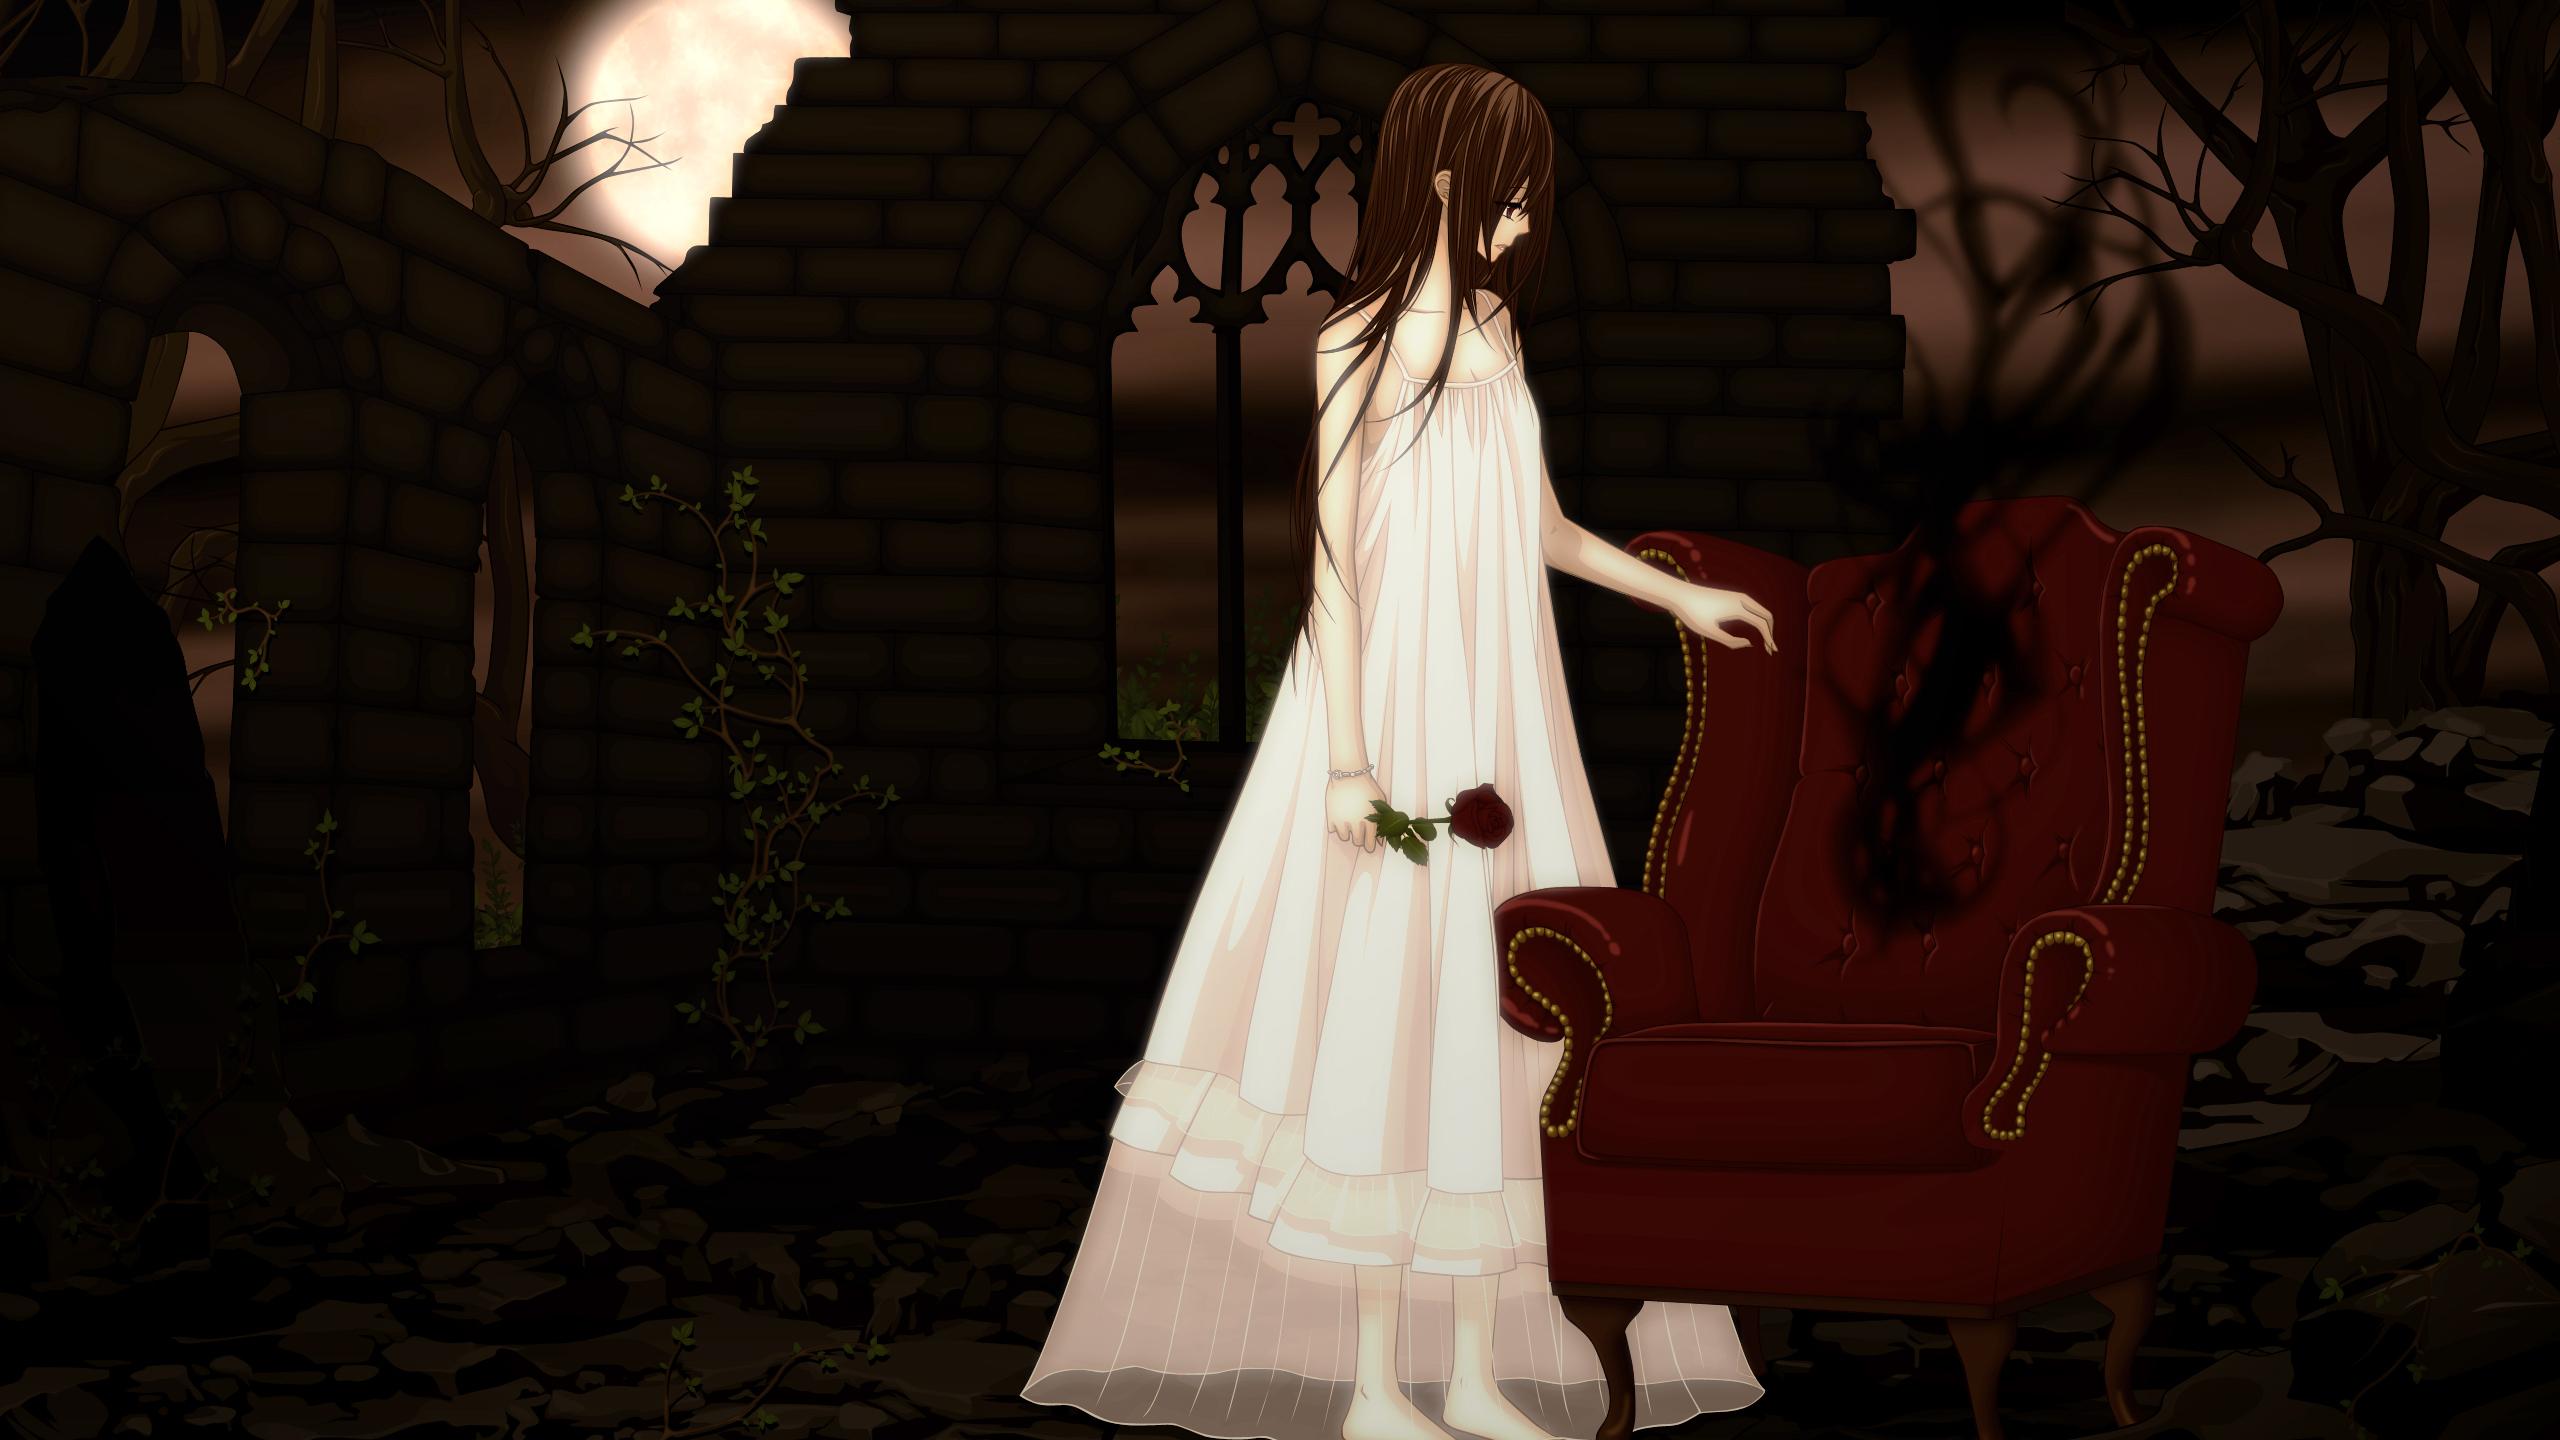 2560x1440 vampire knight, yuki cross, chair 1440P ...